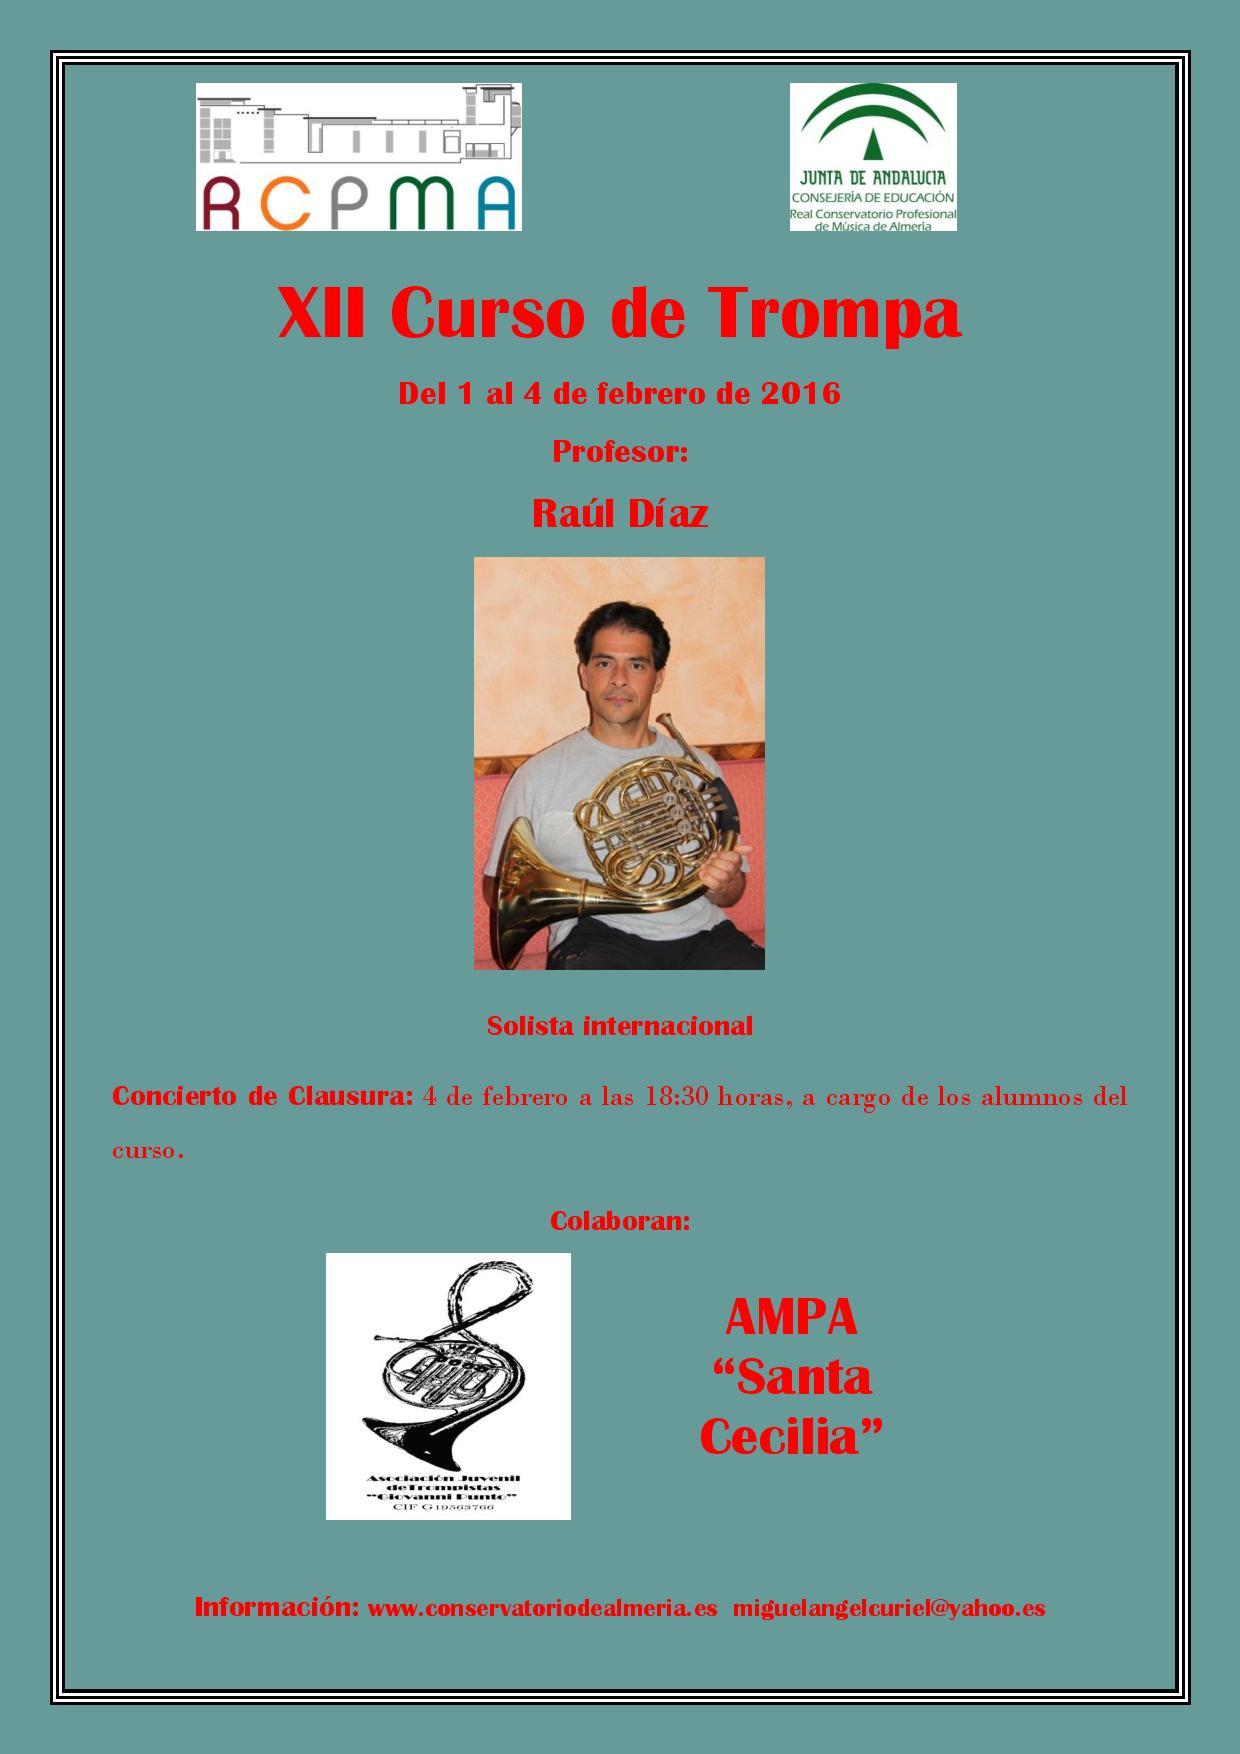 16-02-01 RCPMA curso trompa CARTEL